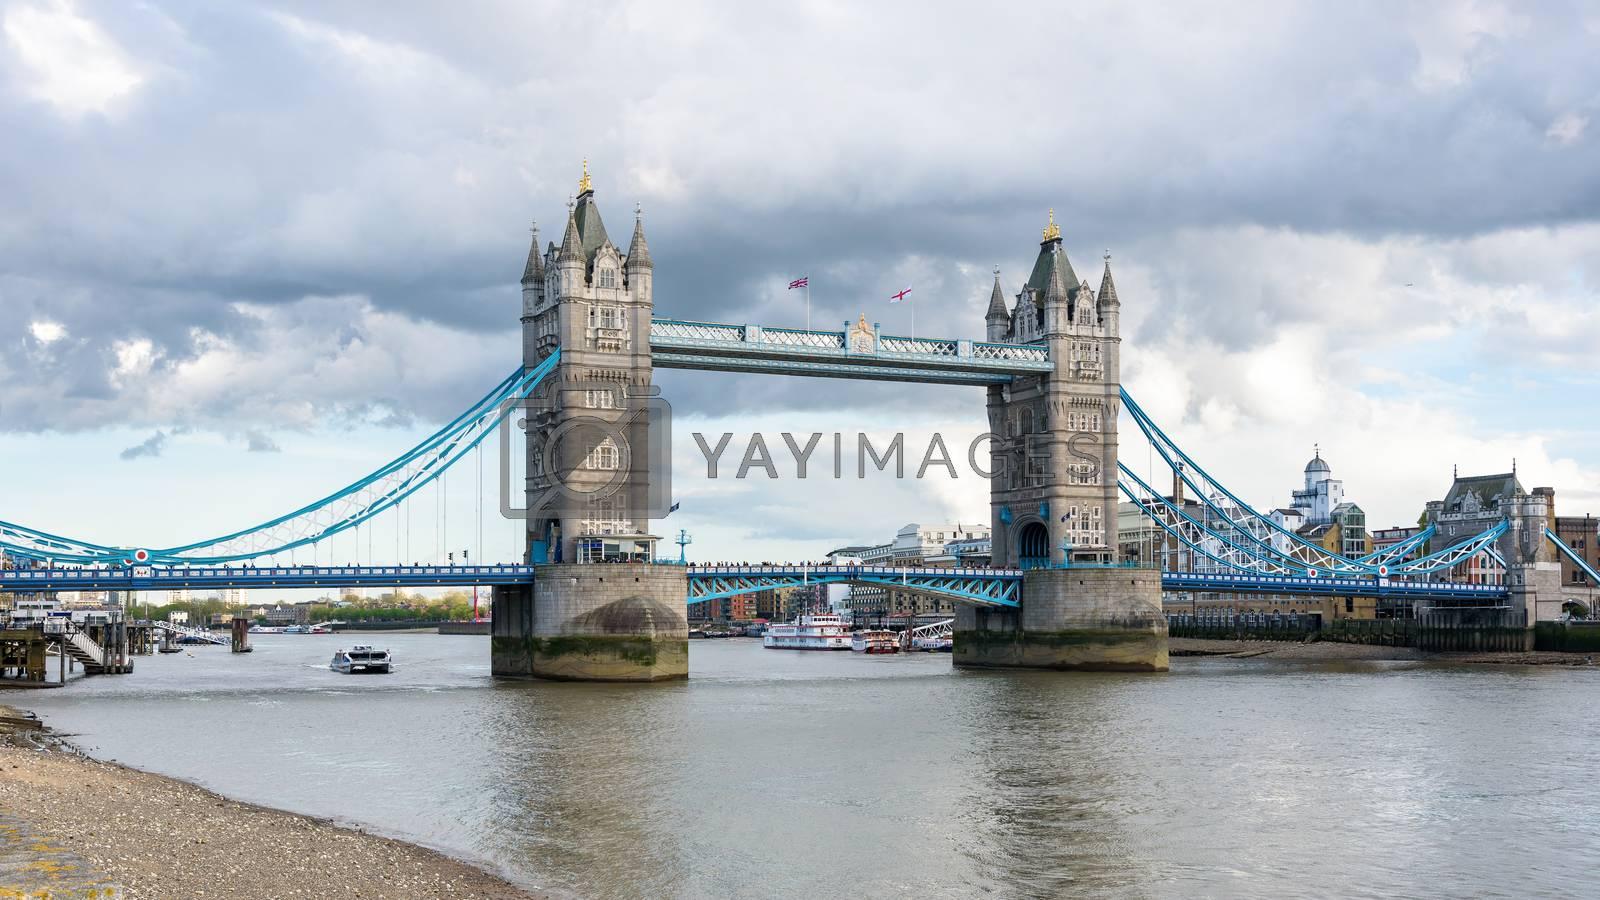 Panoramic view of Tower Bridge, bascule and suspension bridge in London, UK